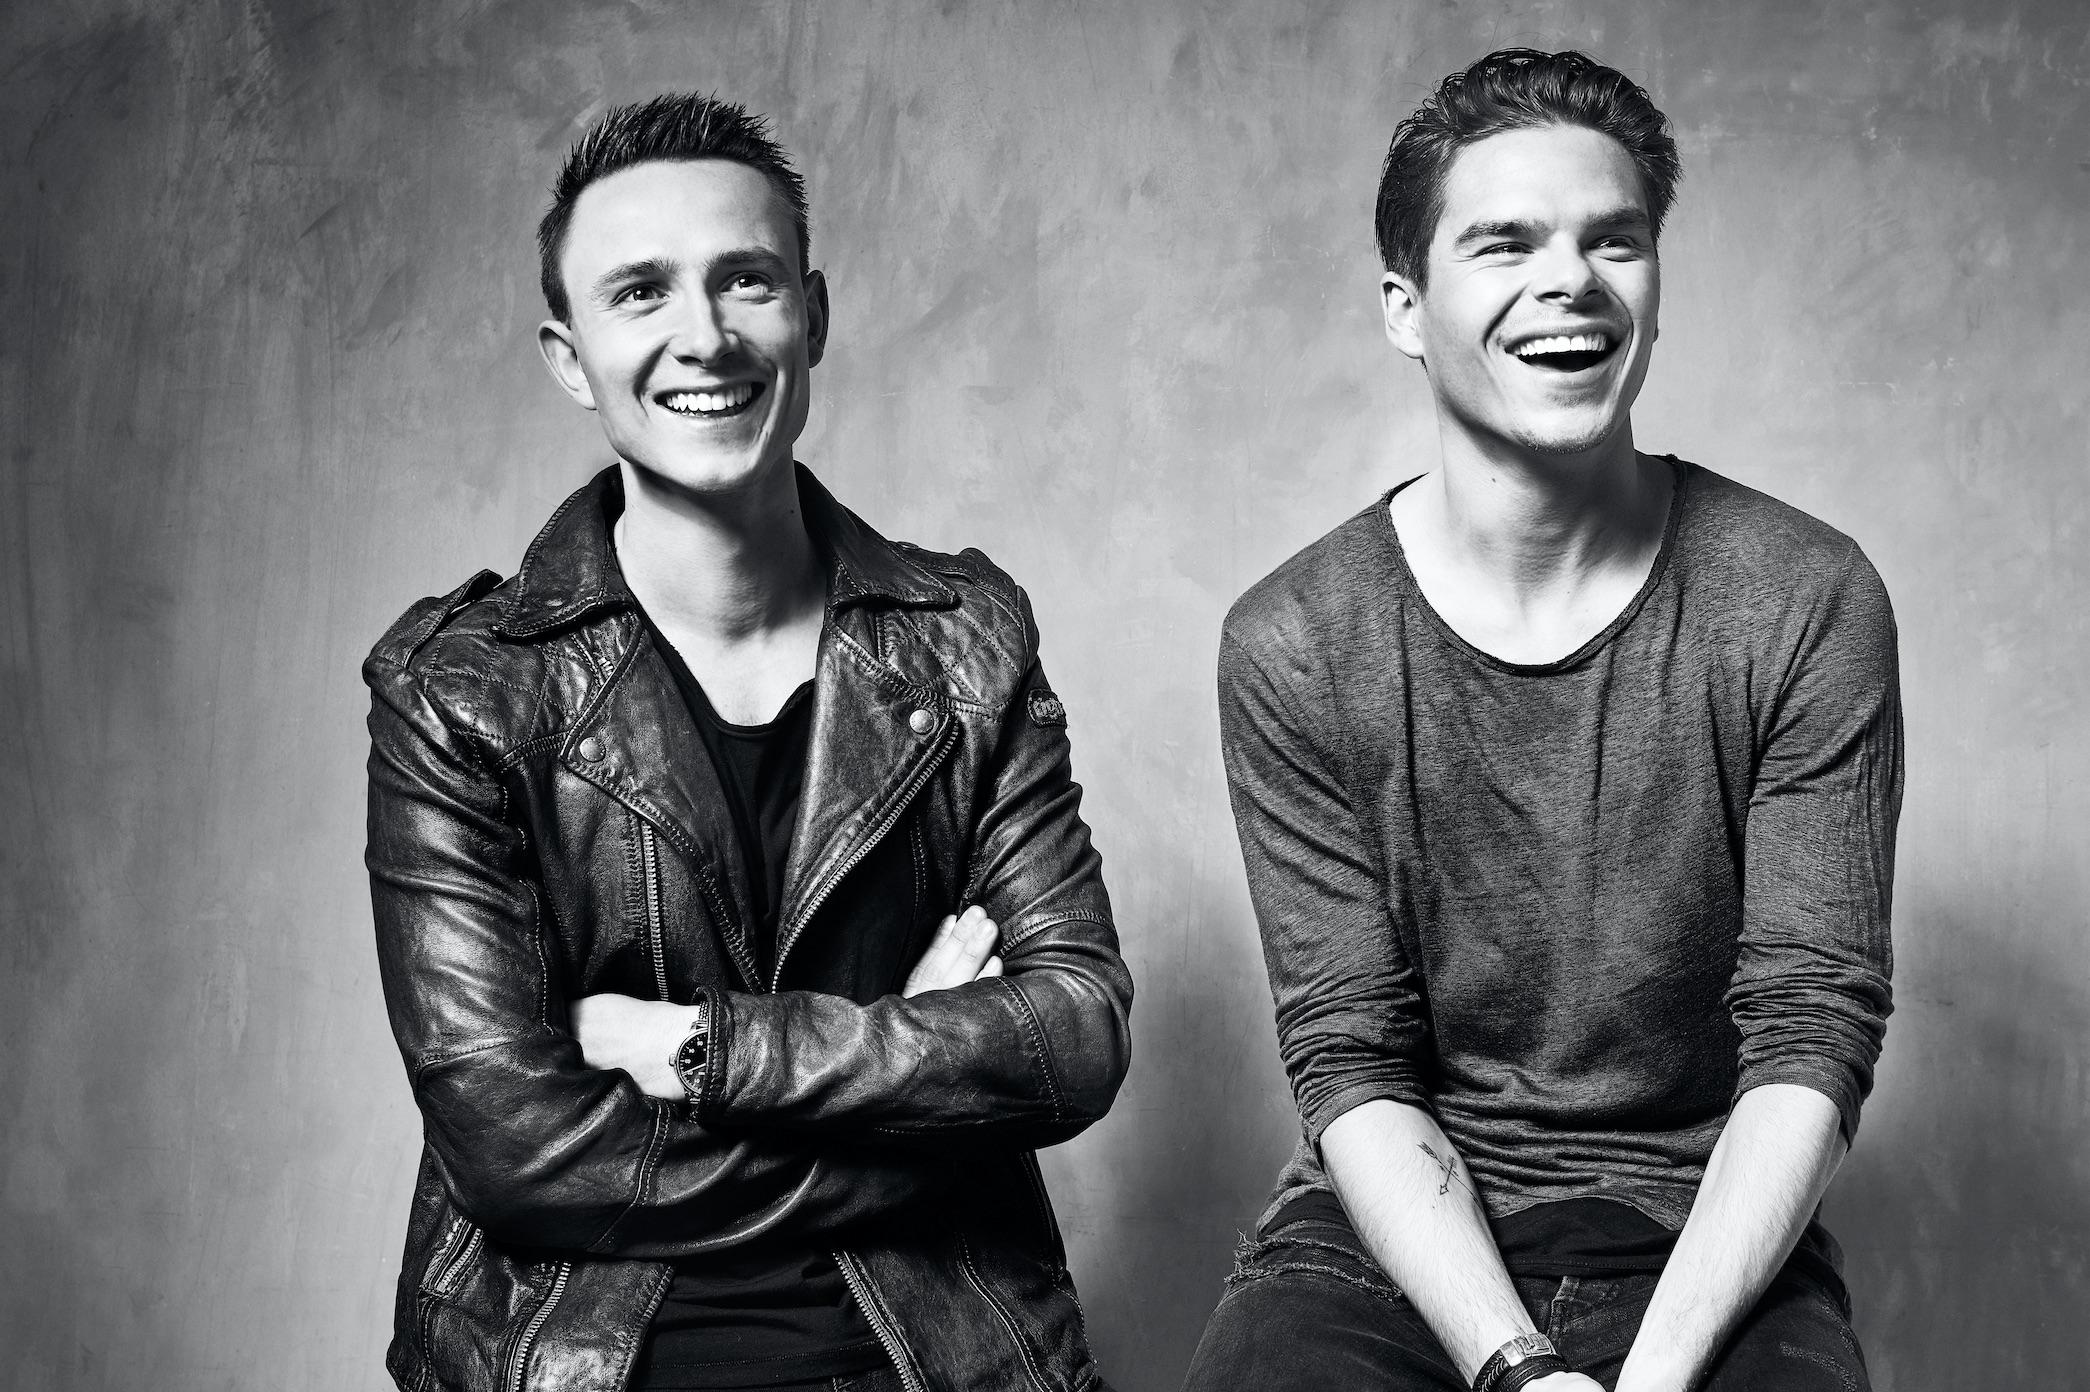 El vídeo de 'Keep Your Head Up' de Lucas & Steve es un canto de amor a los hermanos